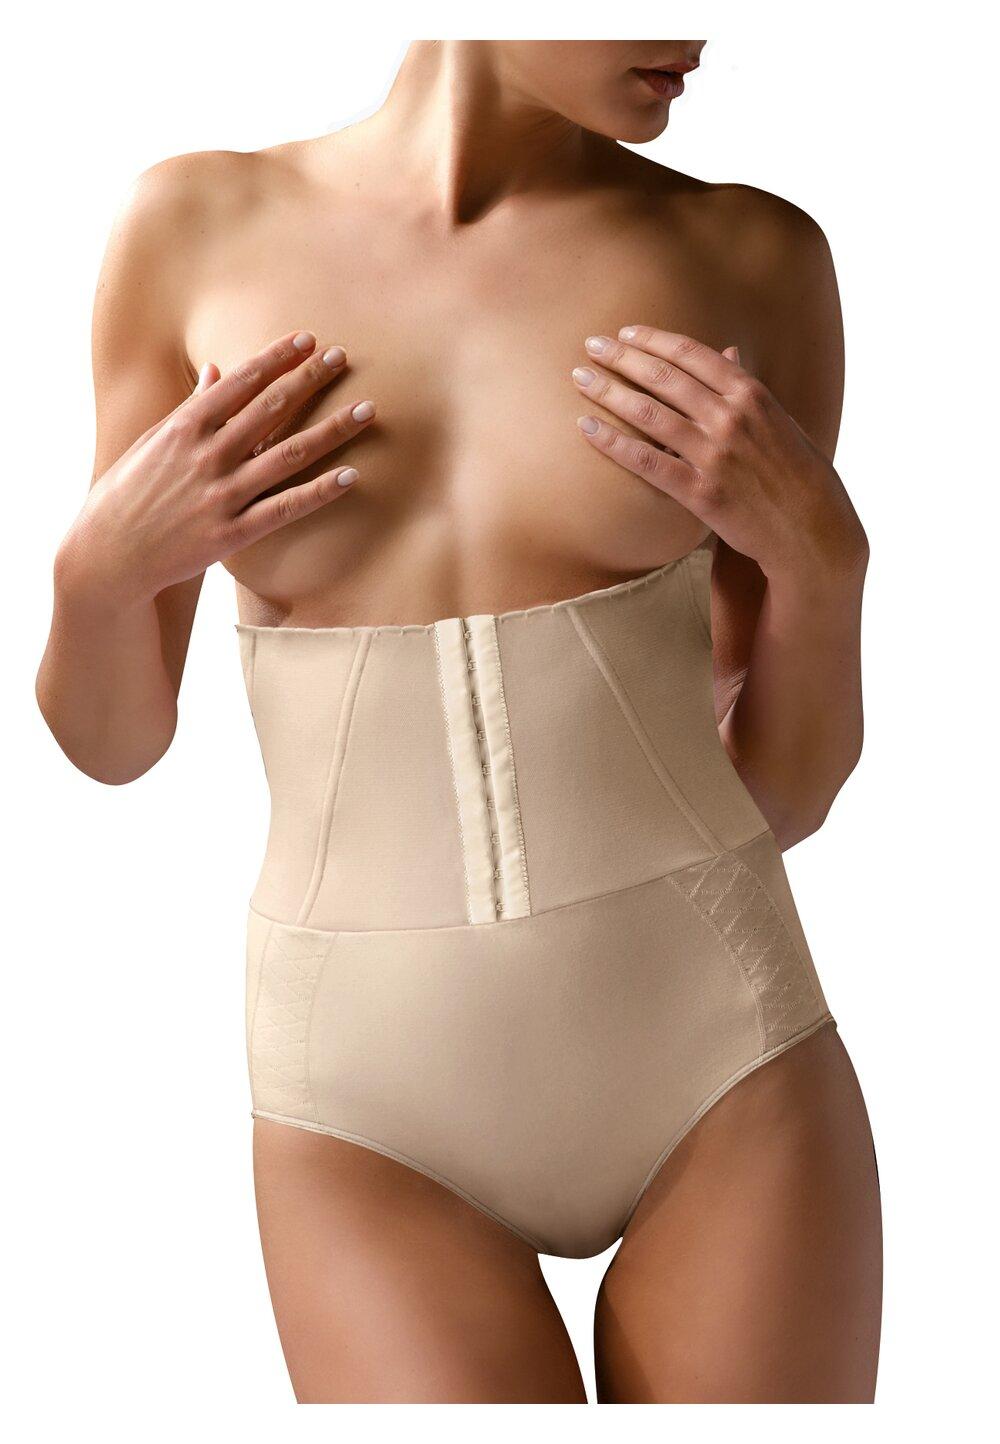 Chilot cu corset, ControlBody, compresie mare, crem imagine